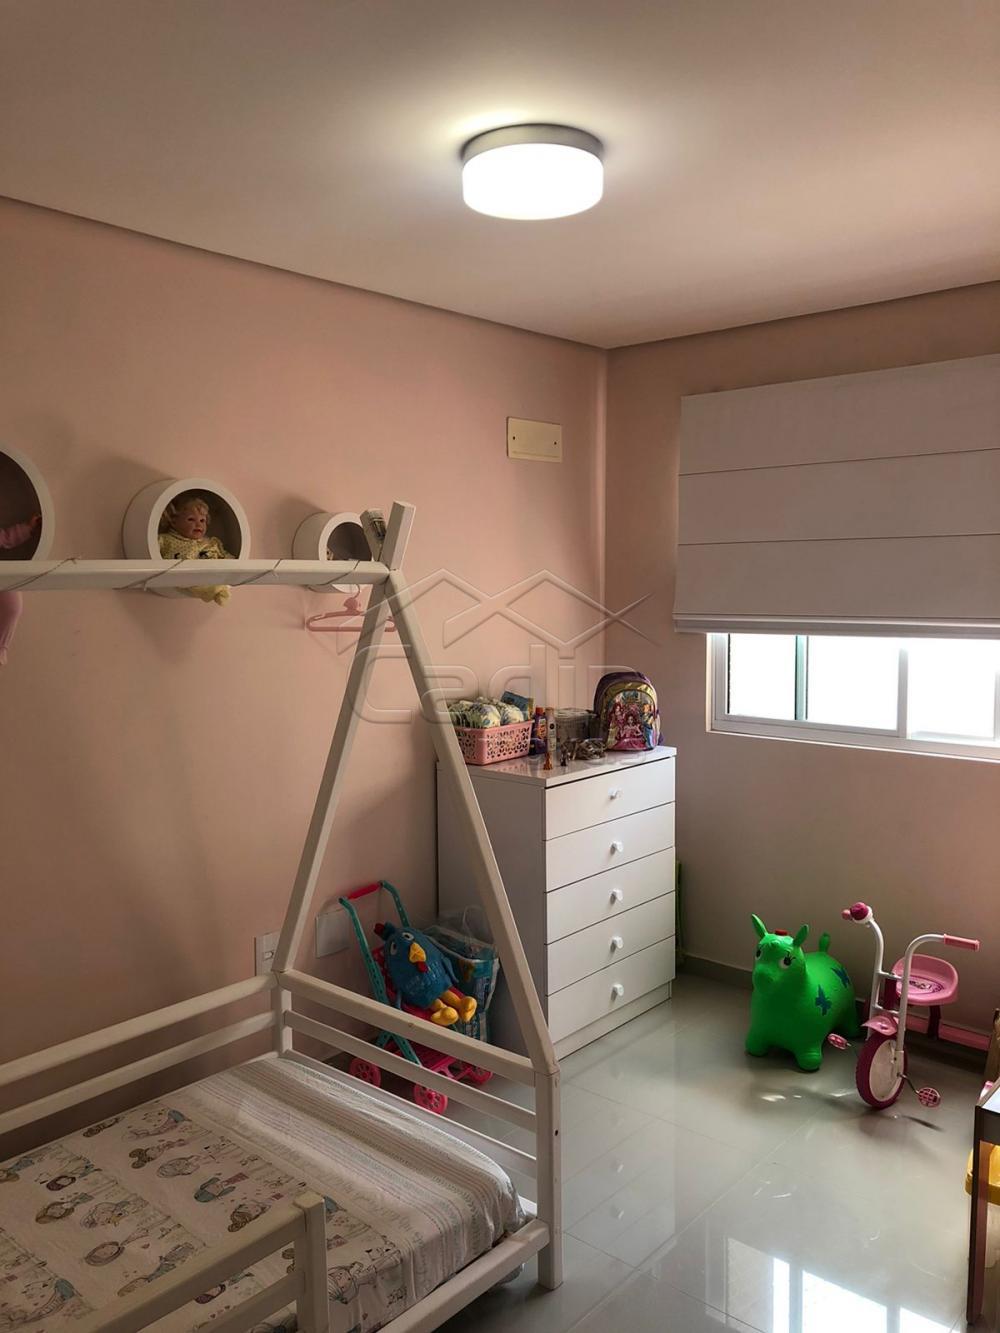 Comprar Apartamento / Padrão em Navegantes R$ 305.000,00 - Foto 18